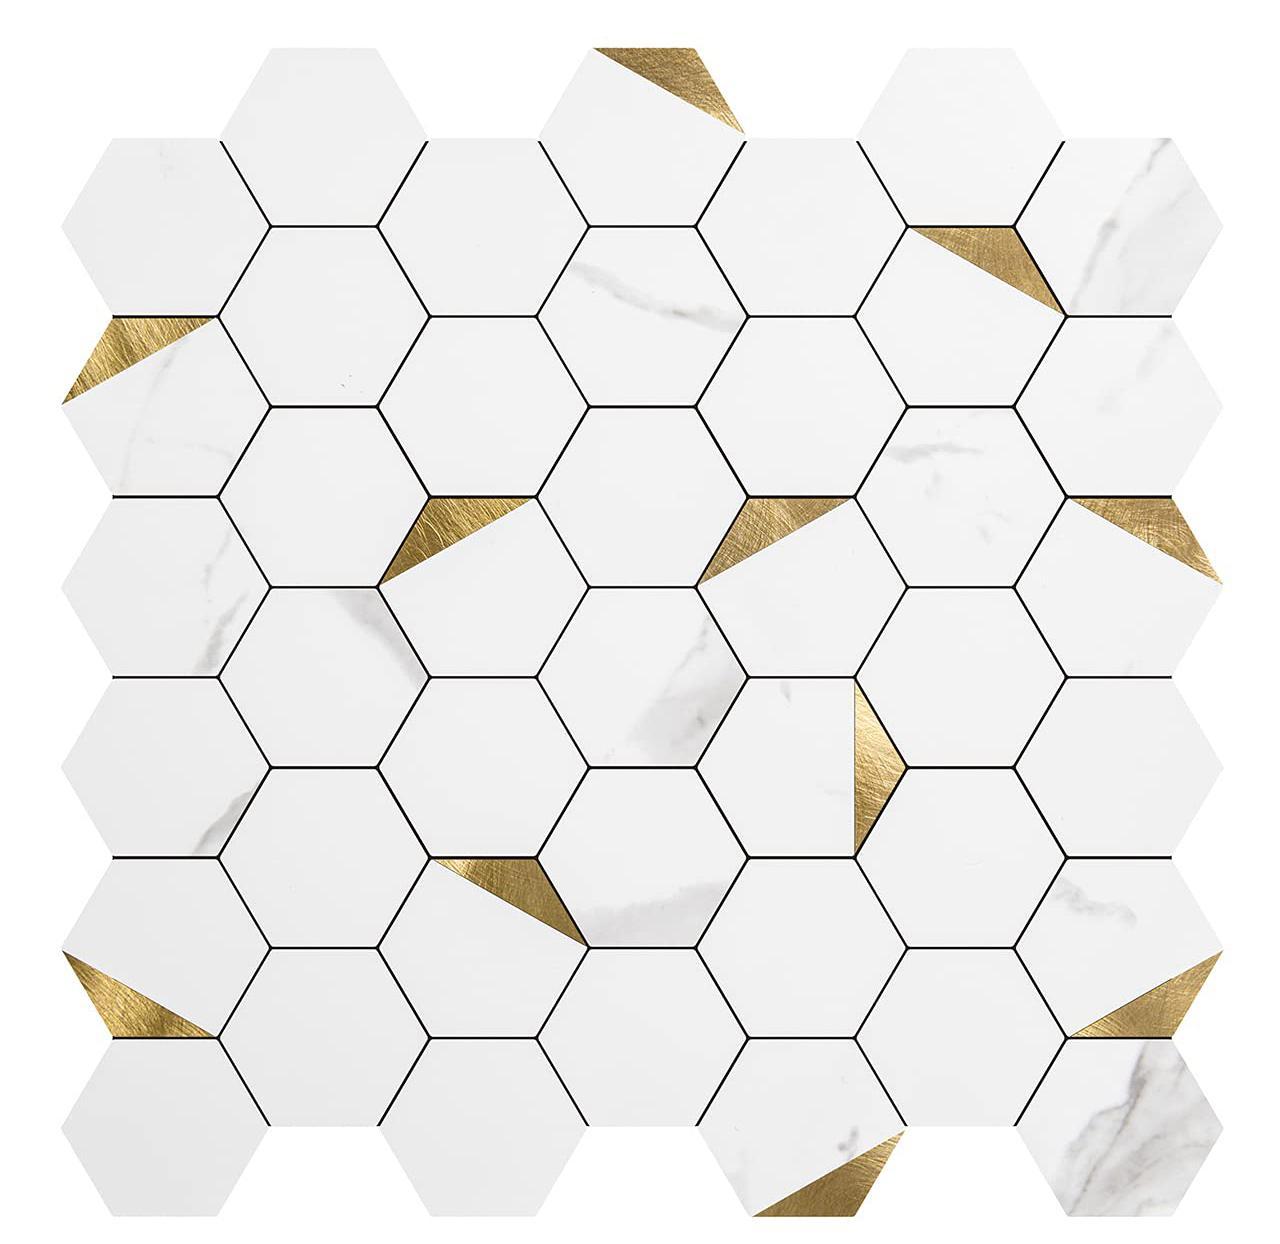 Art3D 10-folhas 3D adesivos de parede auto-adesivo Casca de mosaico de hexágono e palito Backsplash Tiles para cozinha banheiro, papéis de parede (31x30cm)